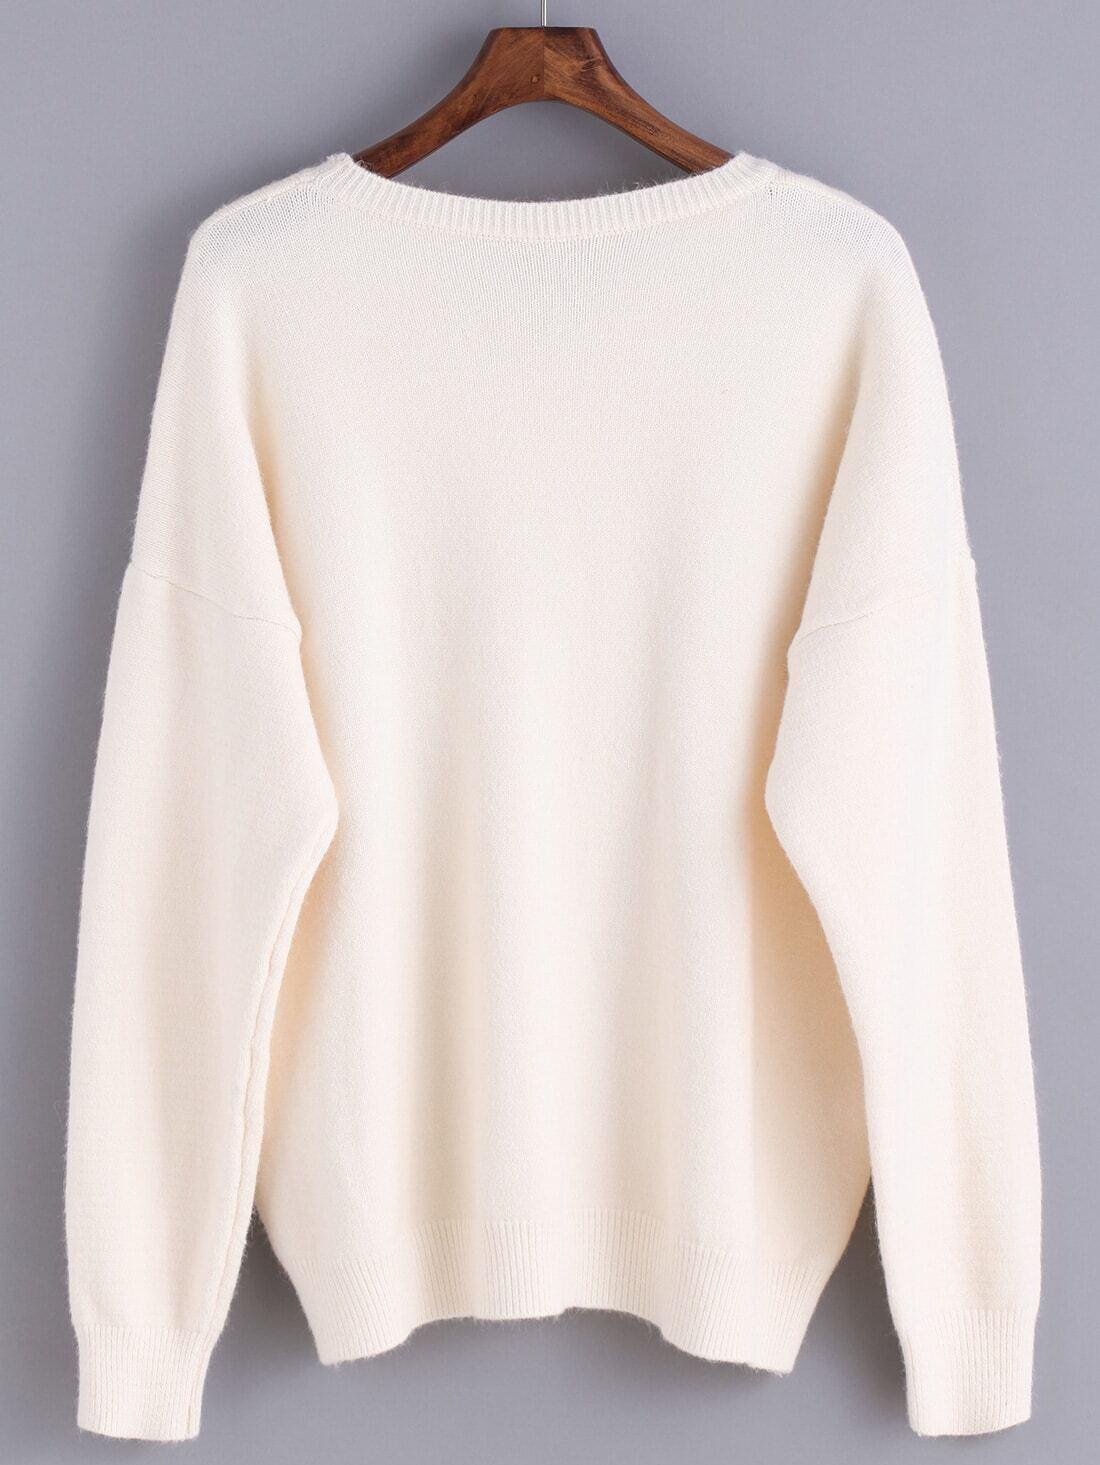 Round Neck Sweater Knitting Pattern : Round Neck Knit Beige Sweater -SheIn(Sheinside)